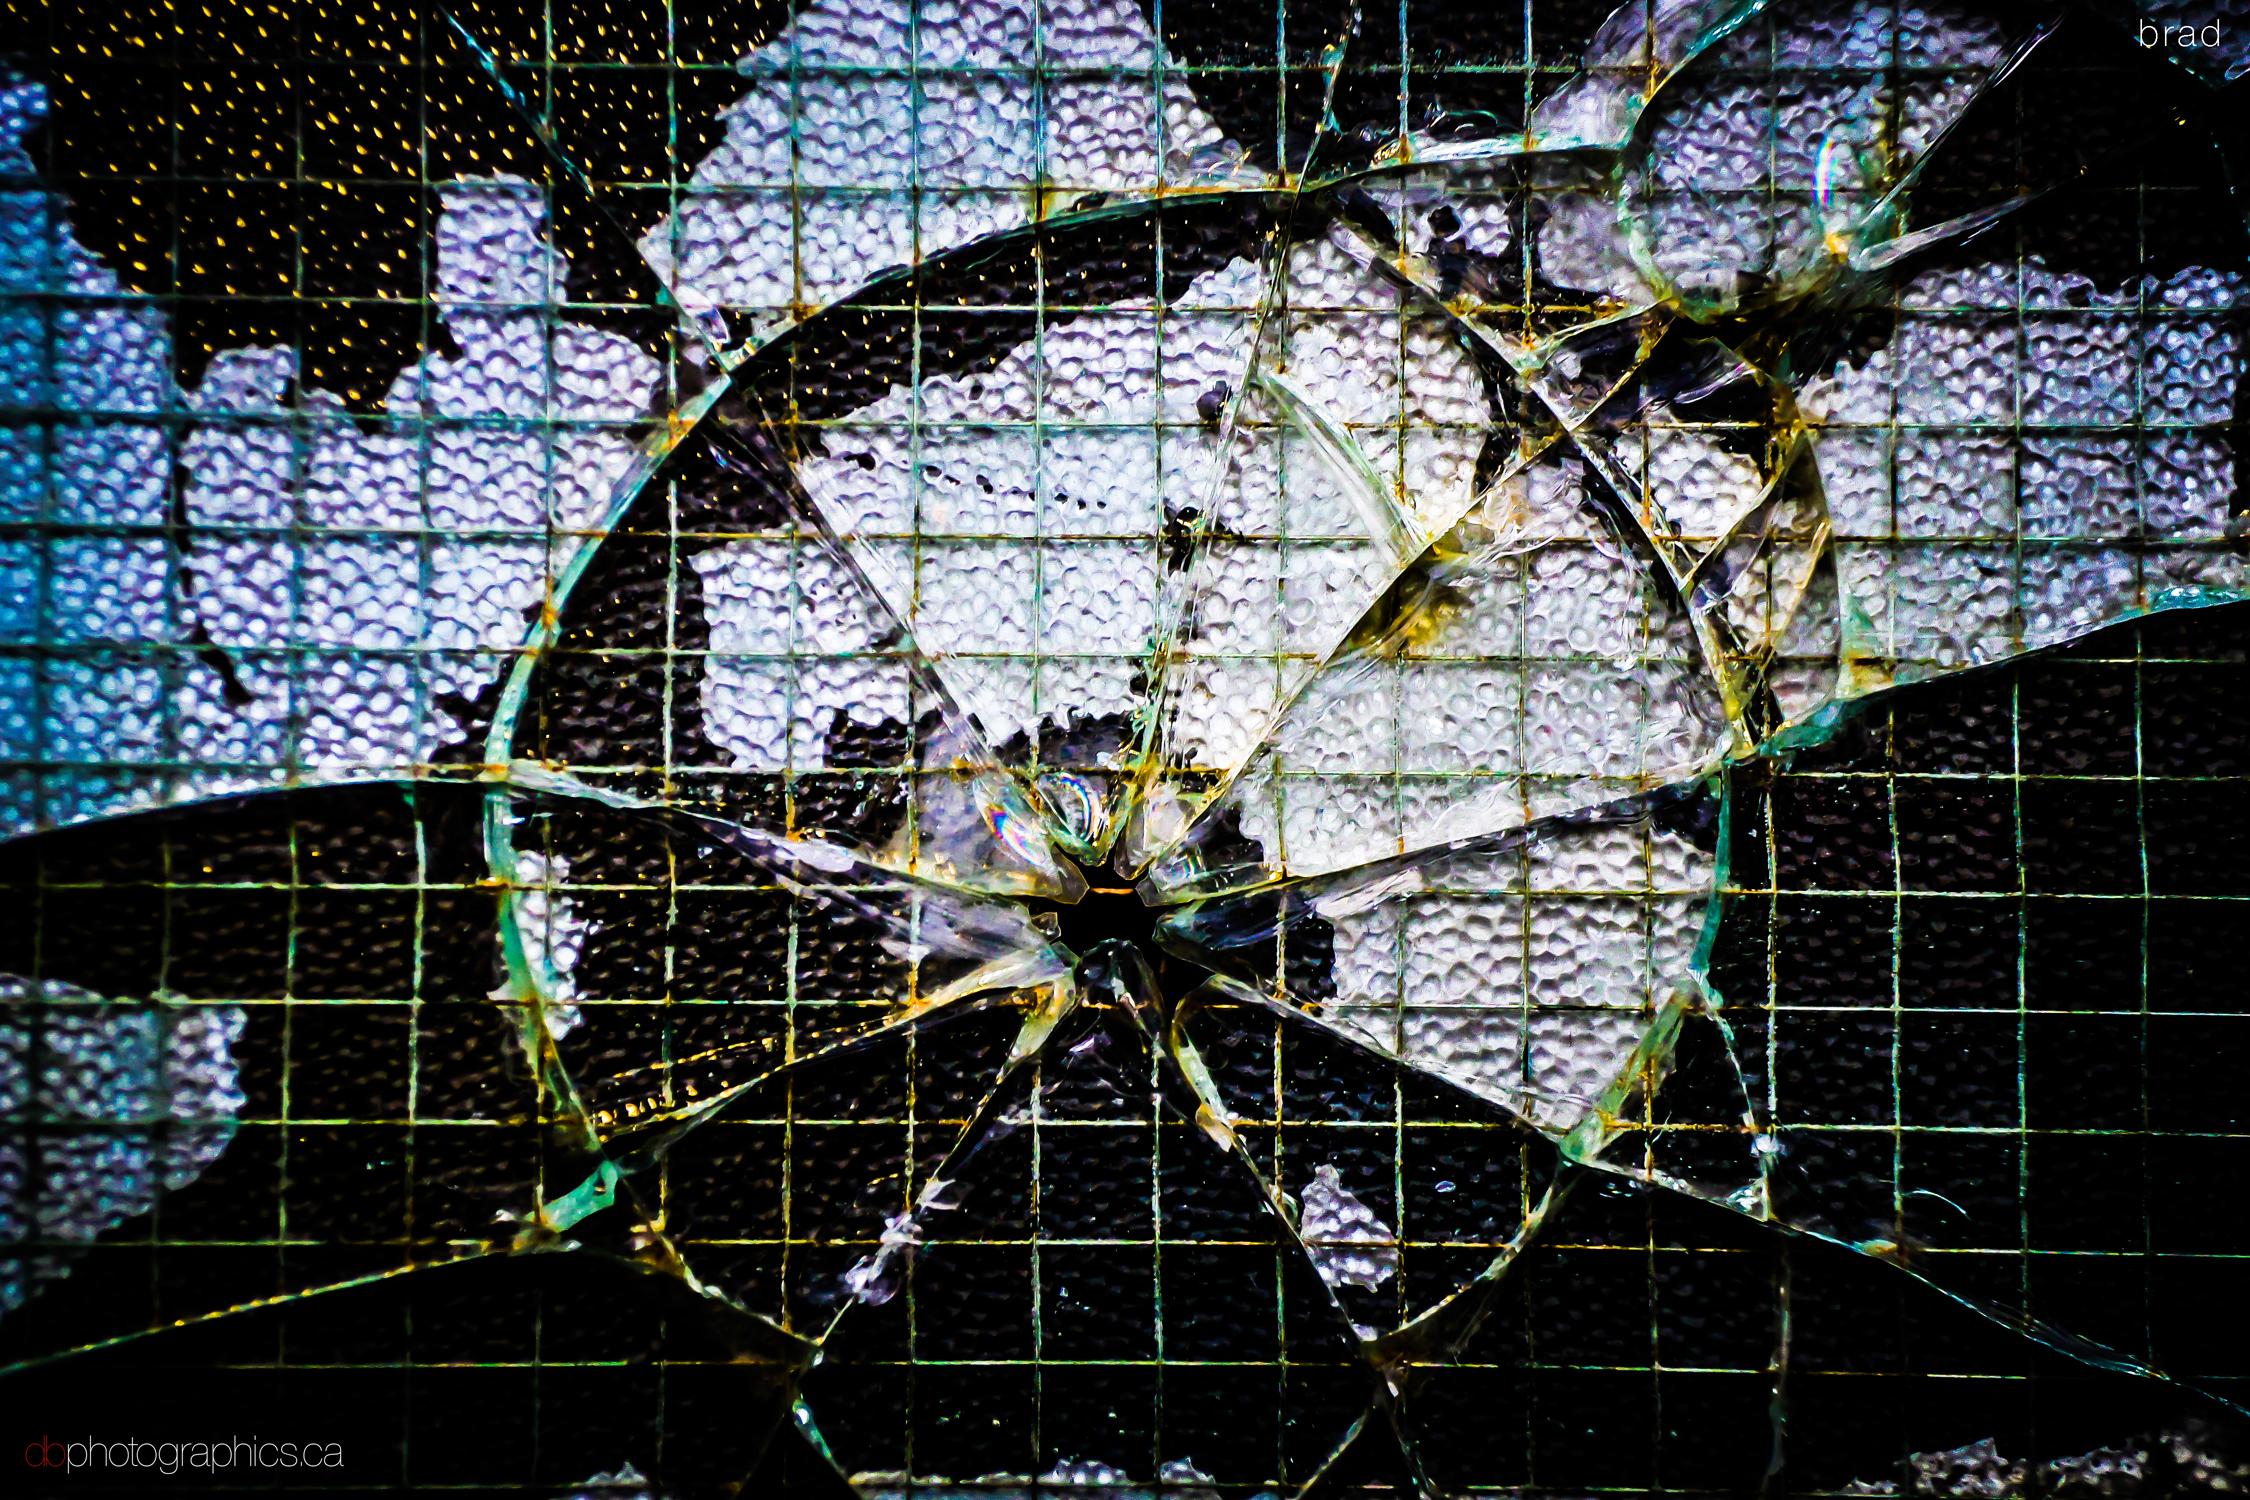 365-06-18-004-lr-em-db.jpg